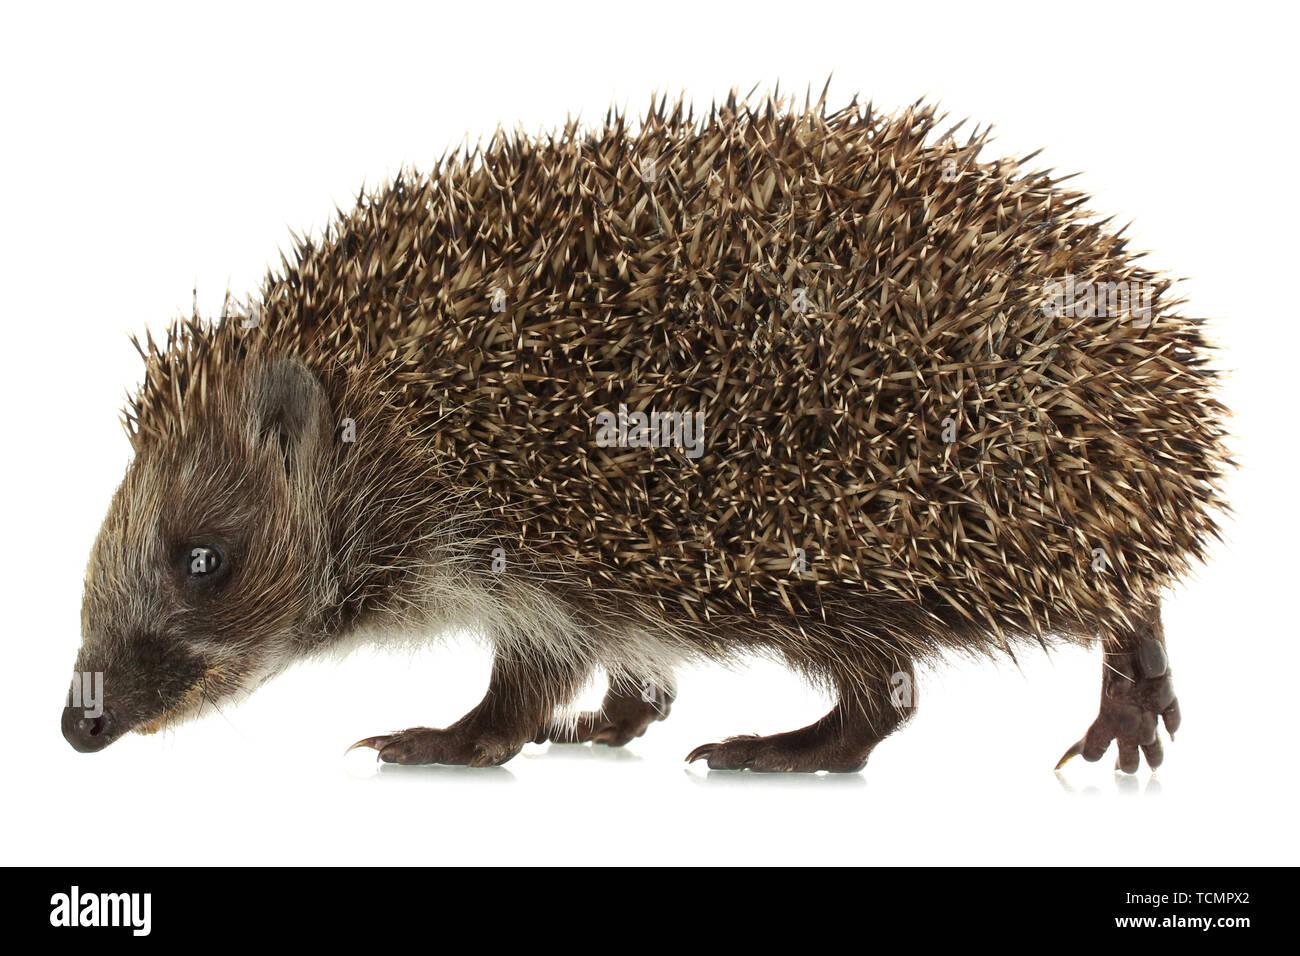 Hedgehog, isolated on white - Stock Image